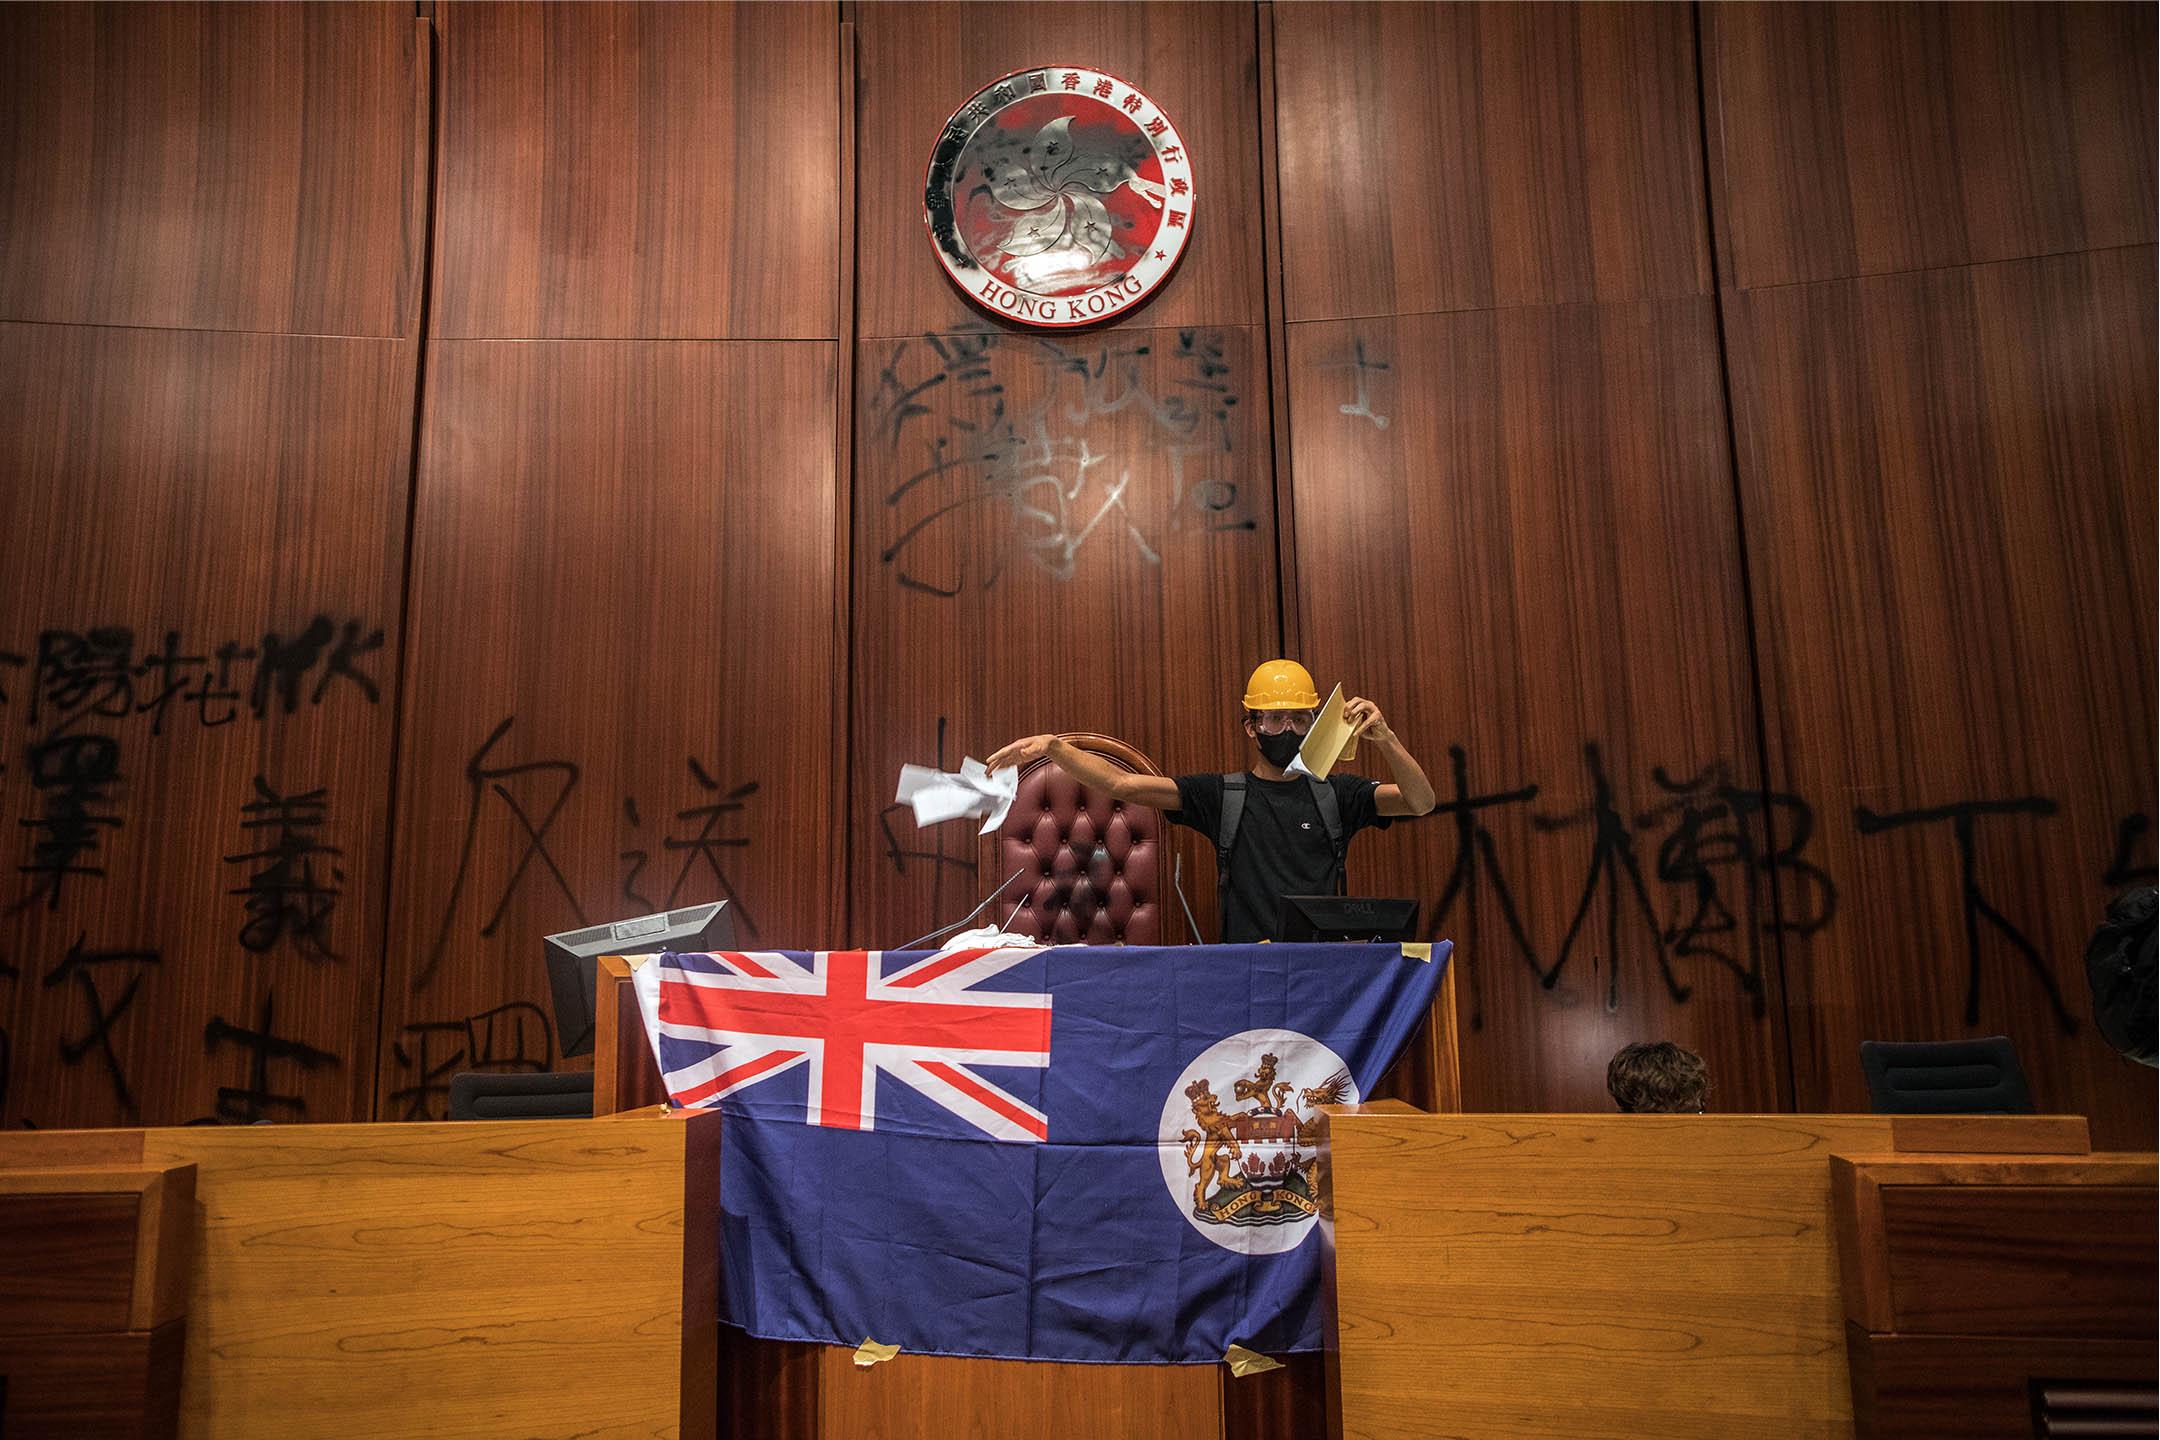 2019年7月1日香港,示威者佔領立法會,並在議事廳撕毀基本法抗議。 攝:陳焯煇/端傳媒